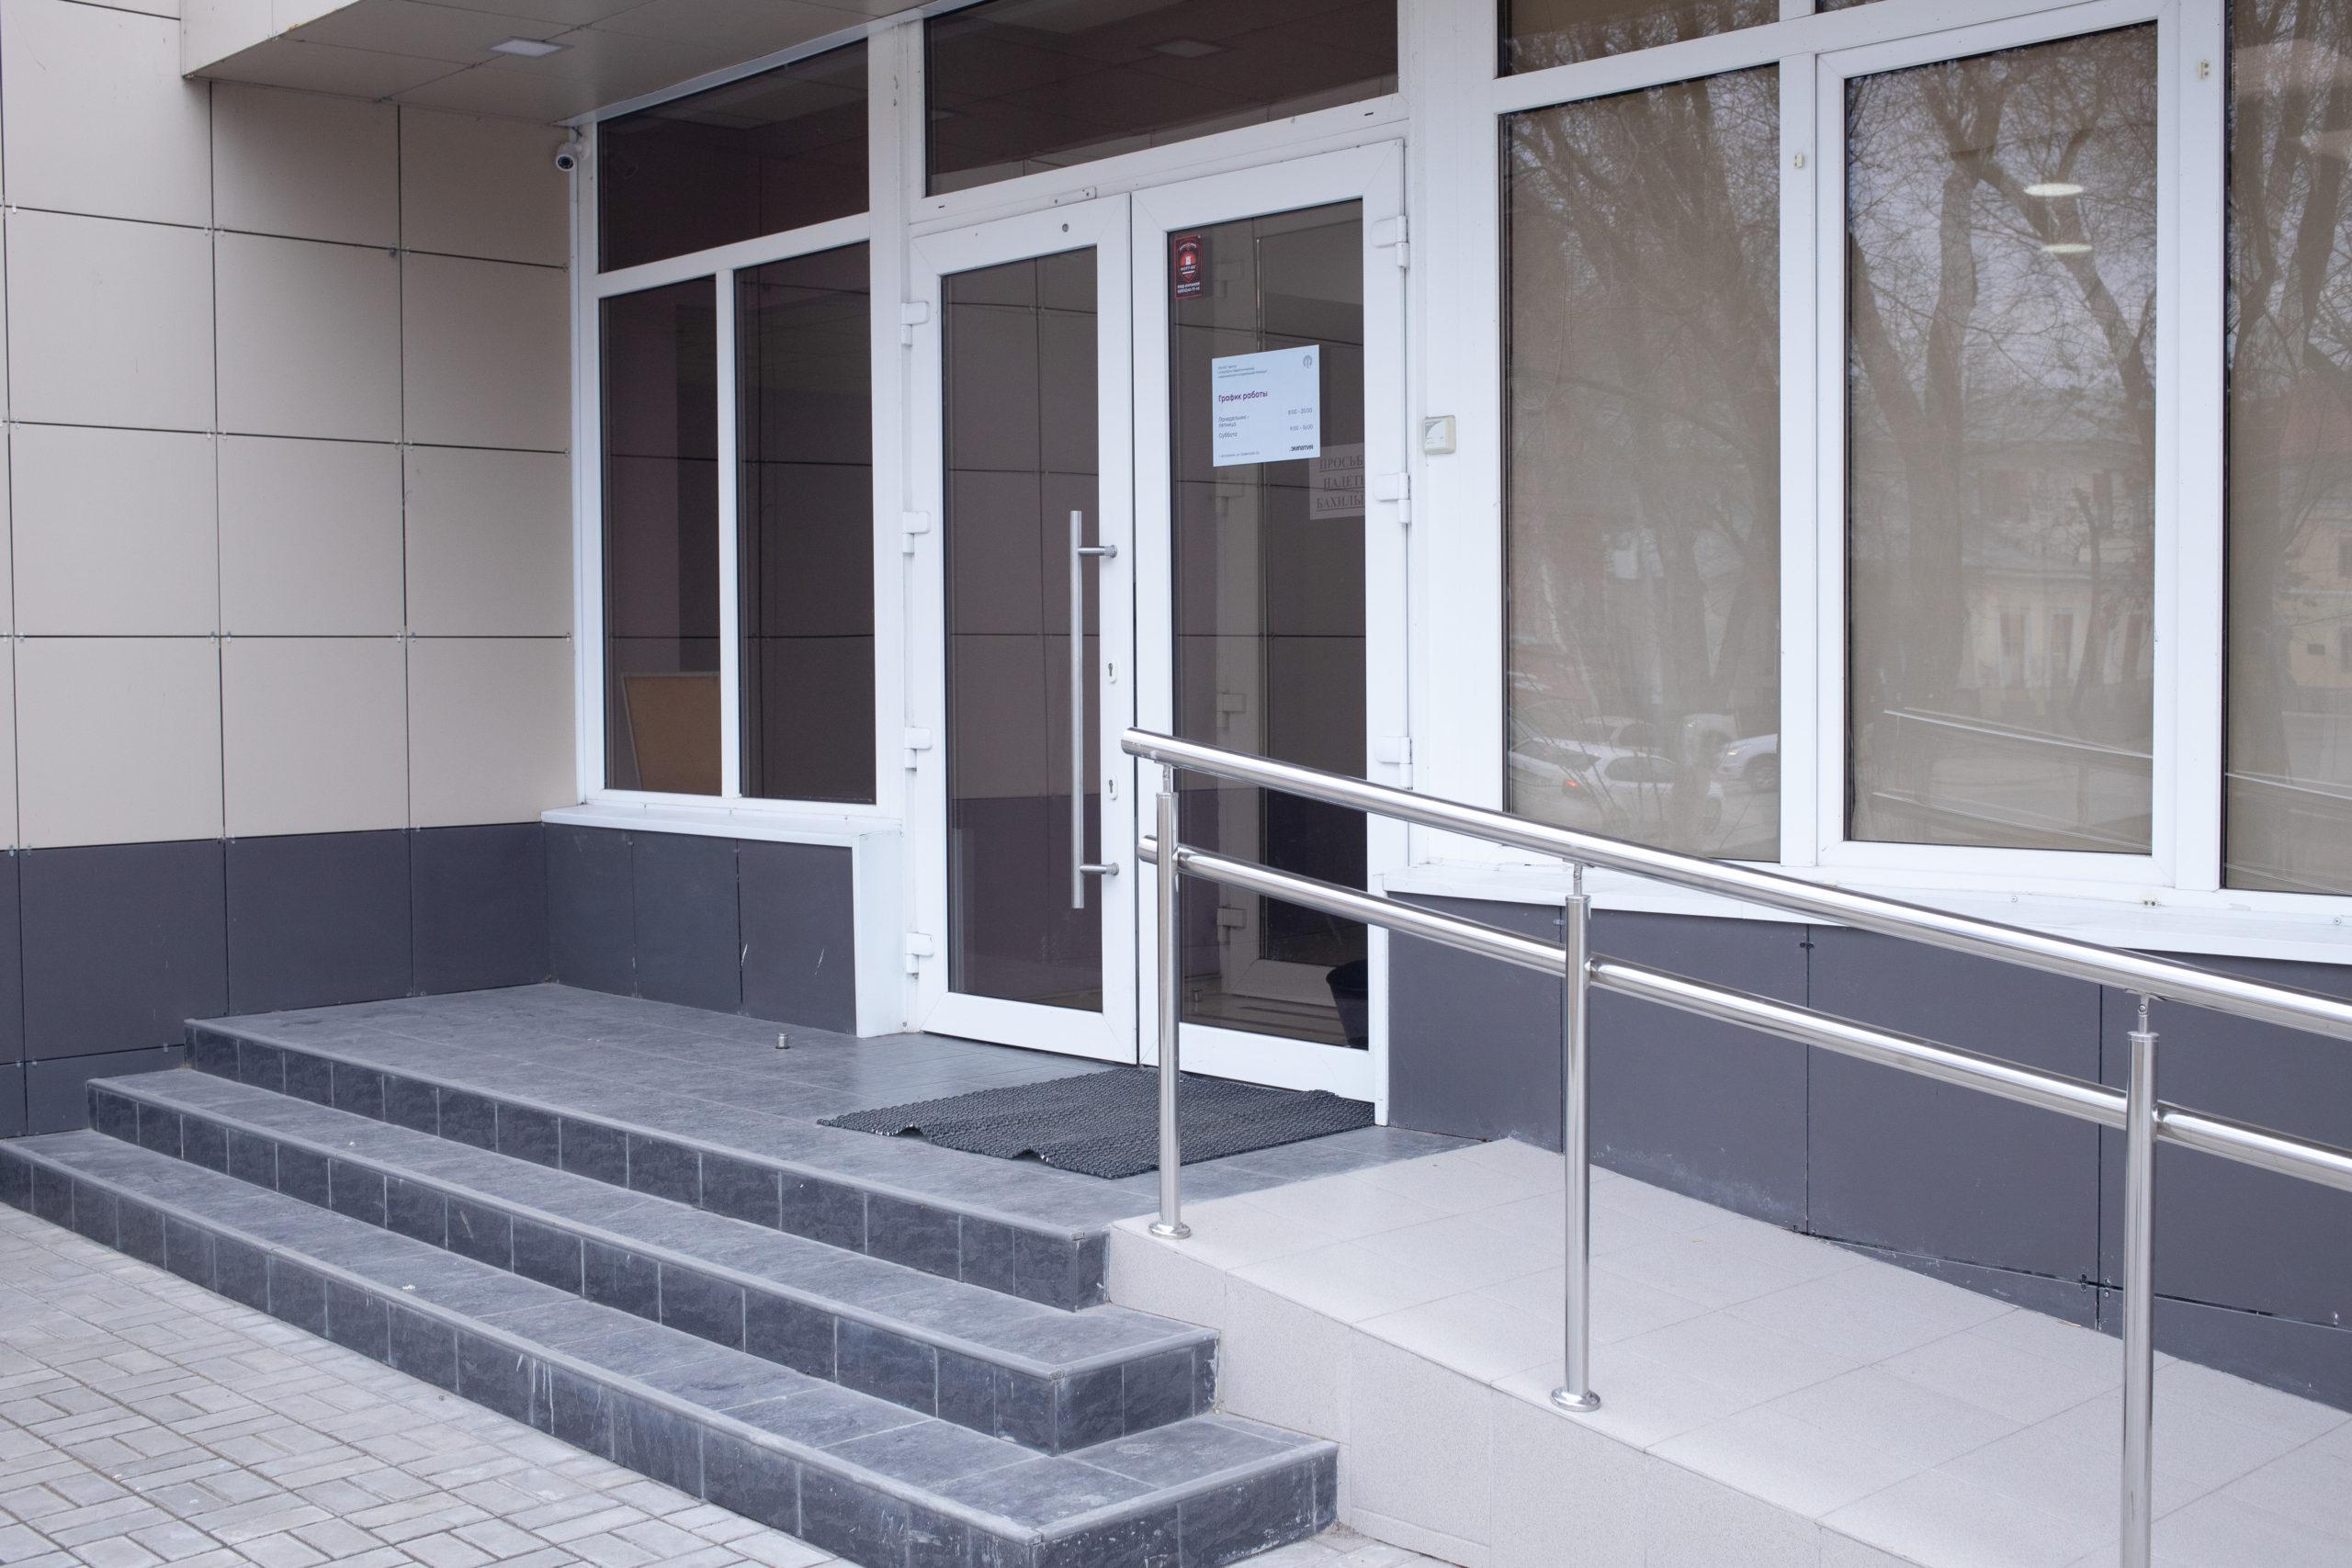 Центр психолого-педагогической, медицинской и социальной помощи